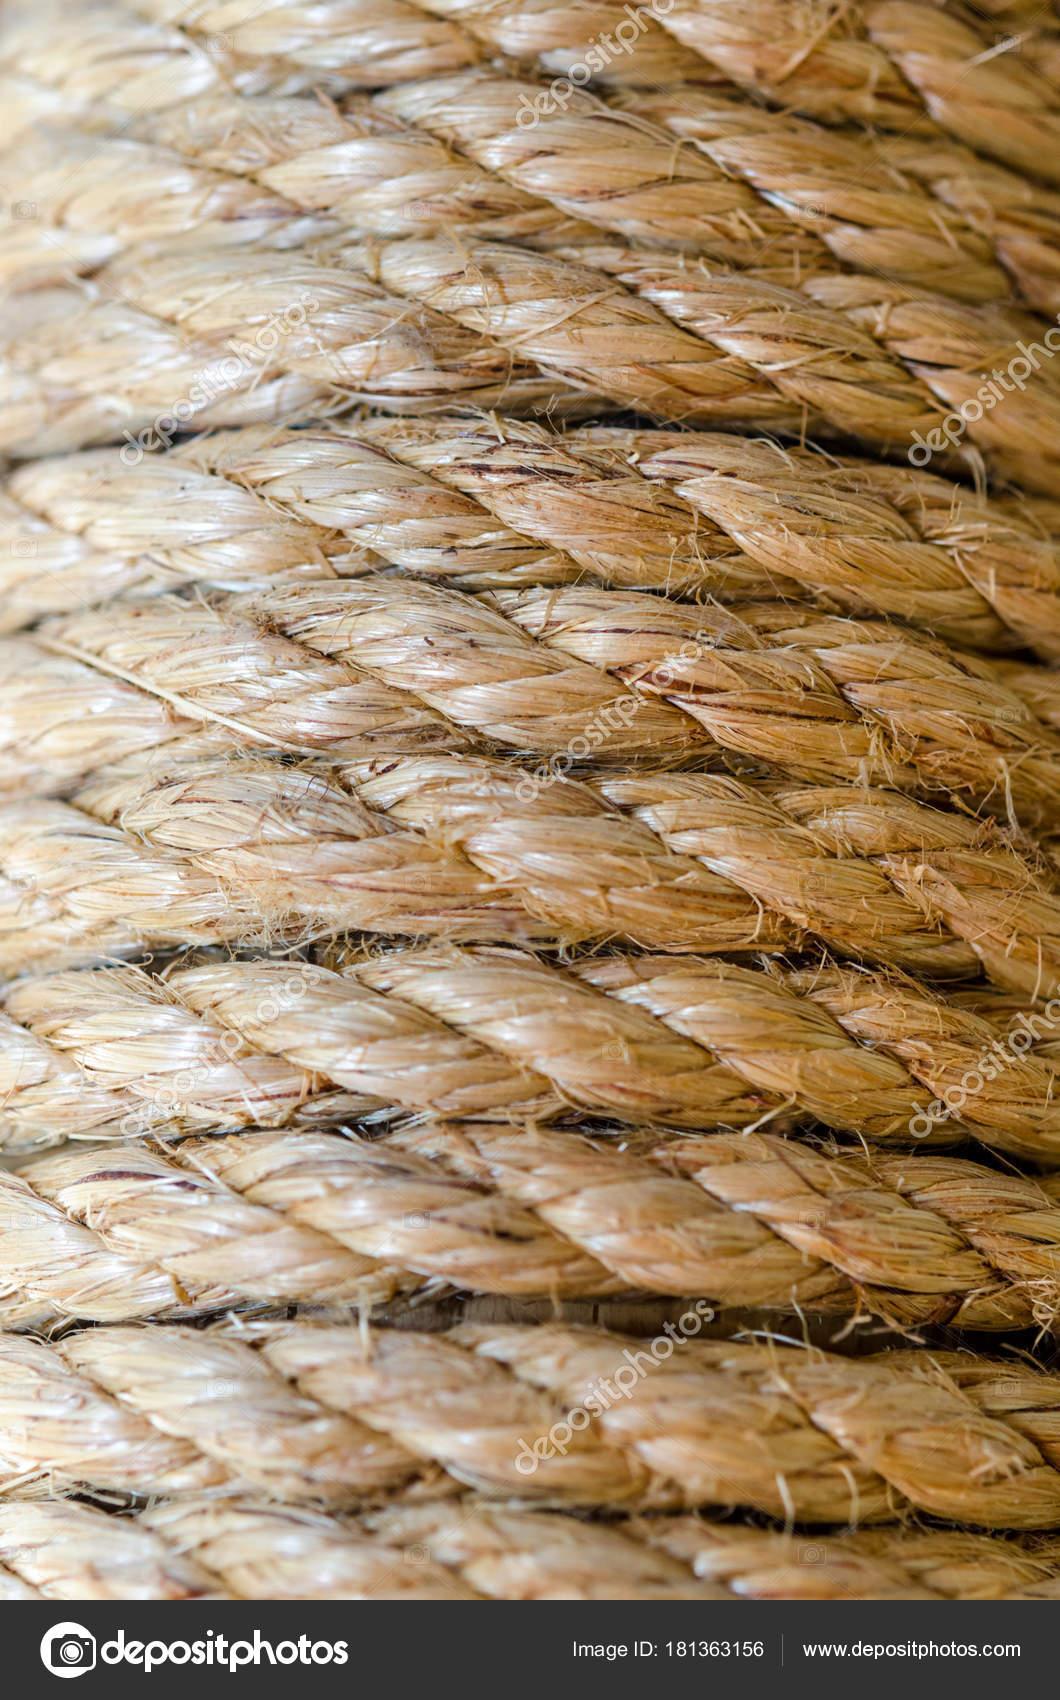 Hemp Rope Background Linen String Hemp Rope Texture Bunches Rope Stock Photo C Techiya 181363156